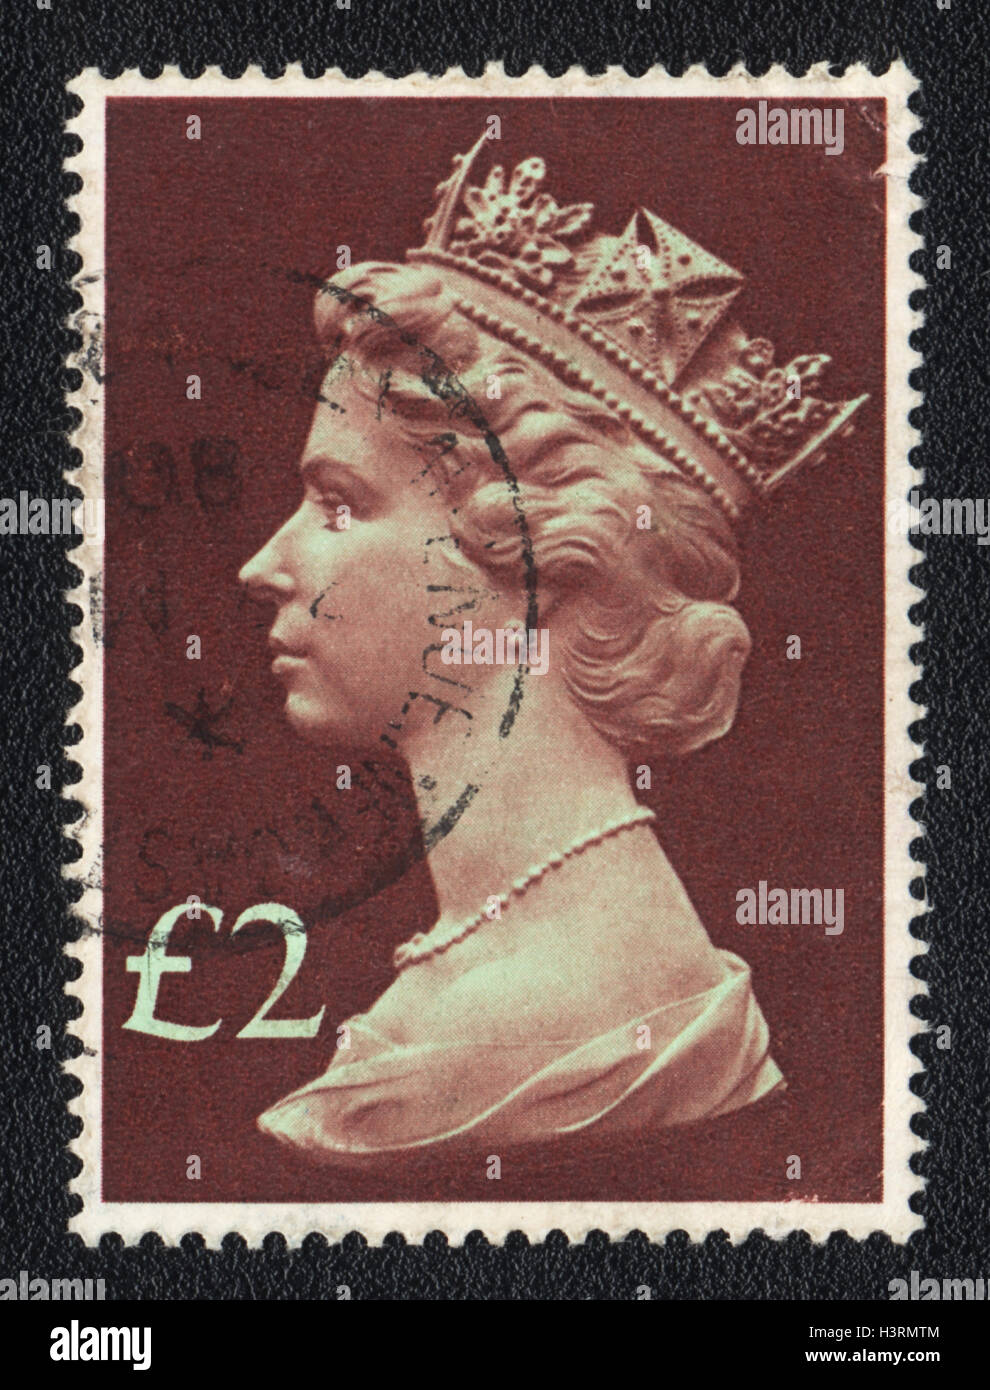 Un timbre-poste imprimé en Grande-Bretagne, spectacles Portrait de la reine Elizabeth 2nd, 1980 Banque D'Images